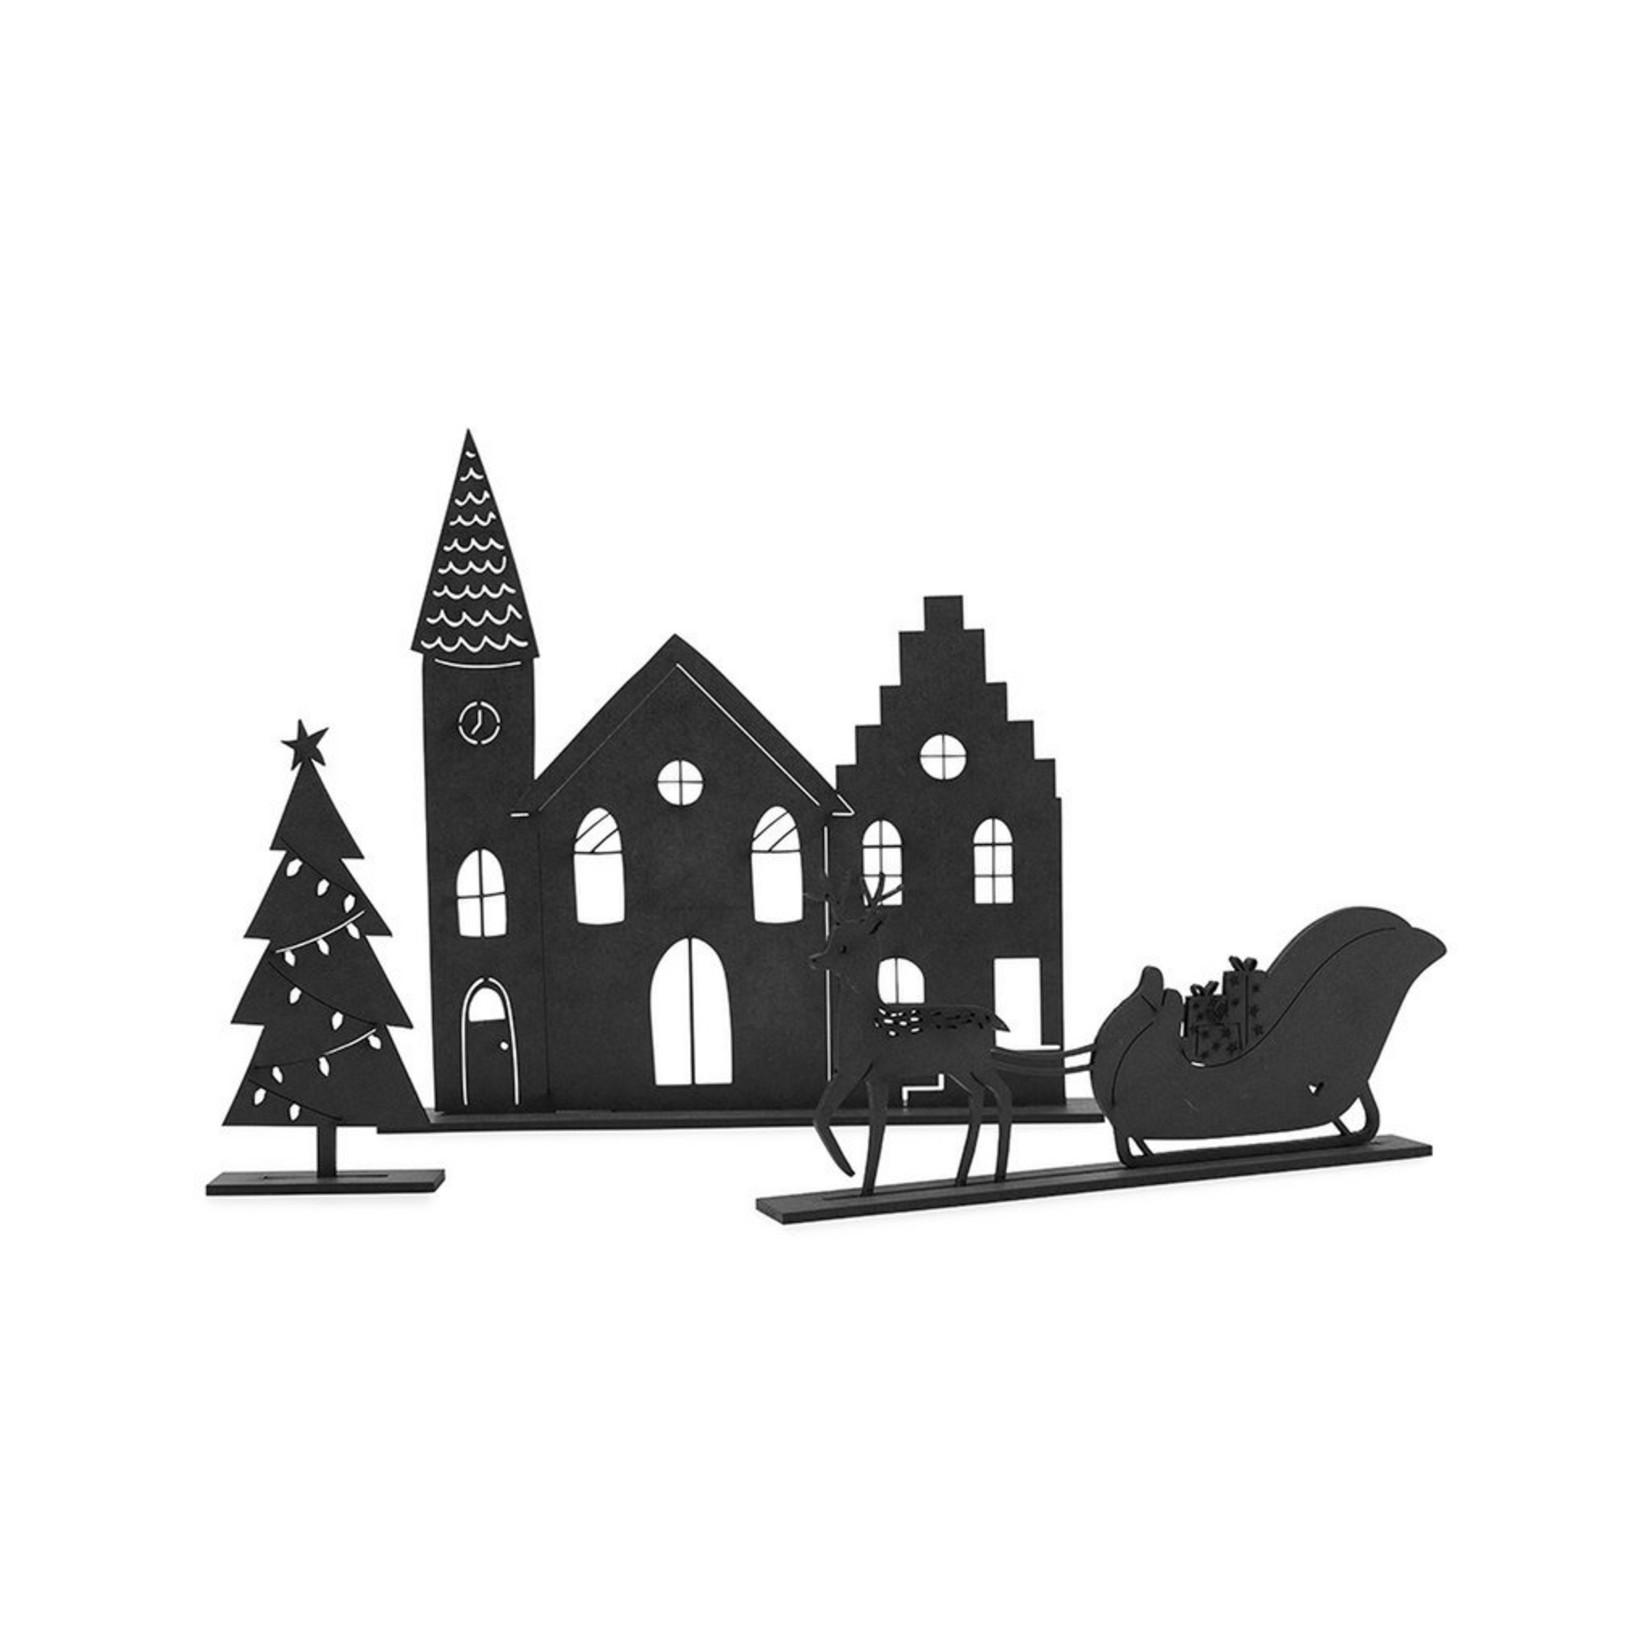 Zoedt Kerstset - Kerk, slee, boom - Hout - Zwart